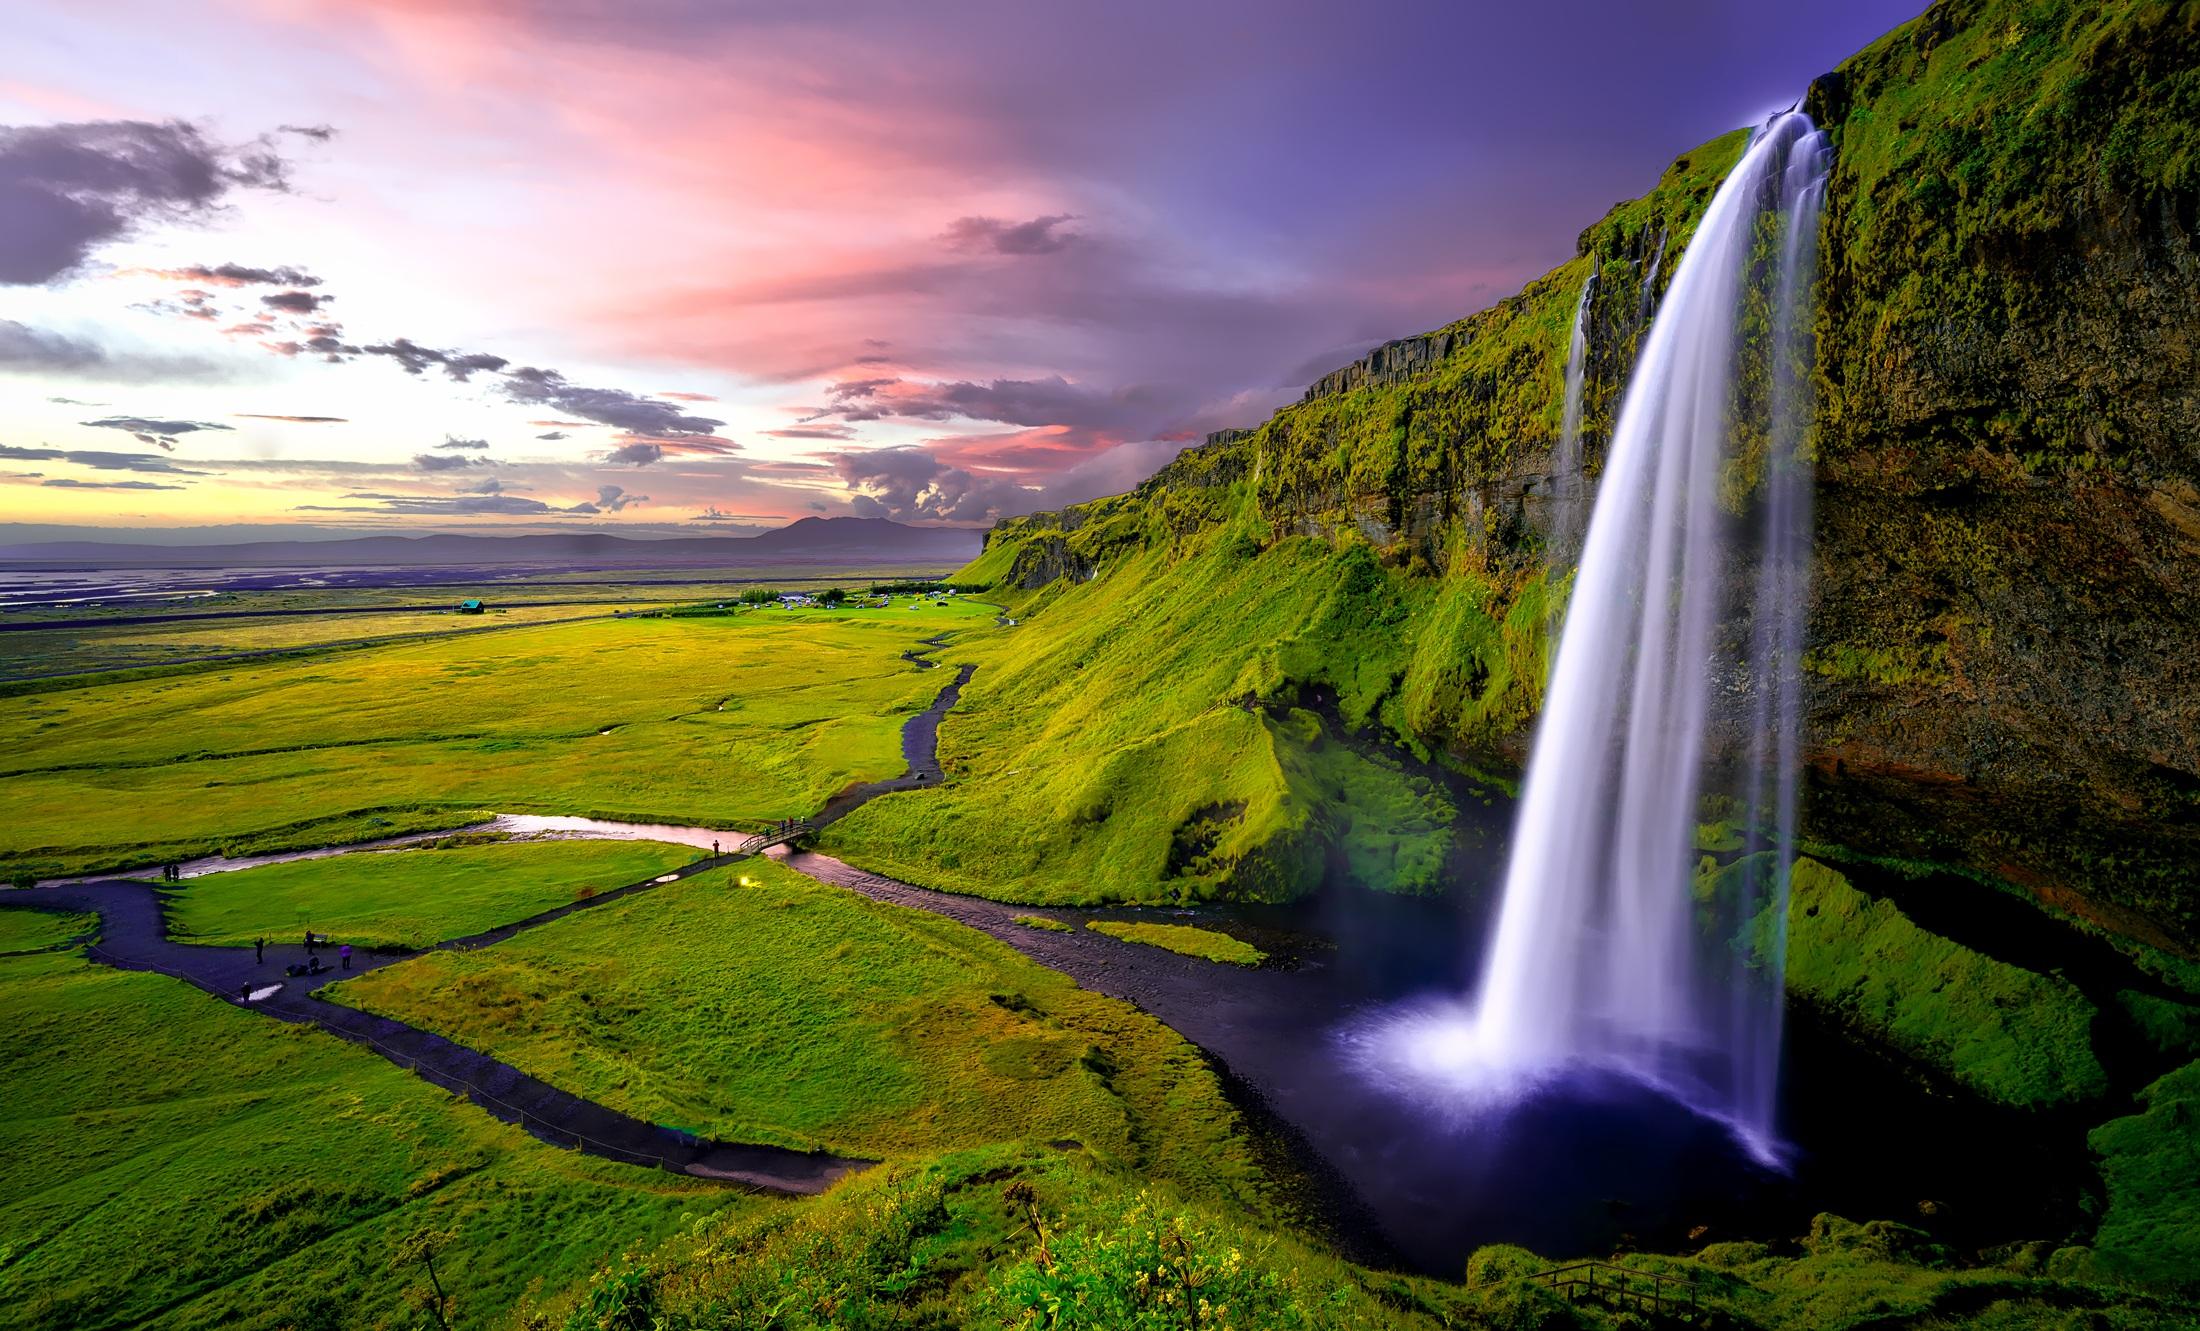 Grünes Wiesenpanorama mit blauen Wasserläufen und einem Berg mit Wasserfall bei Abendstimmung zur Illustration von Entspannung und Fantasie-Ruheort